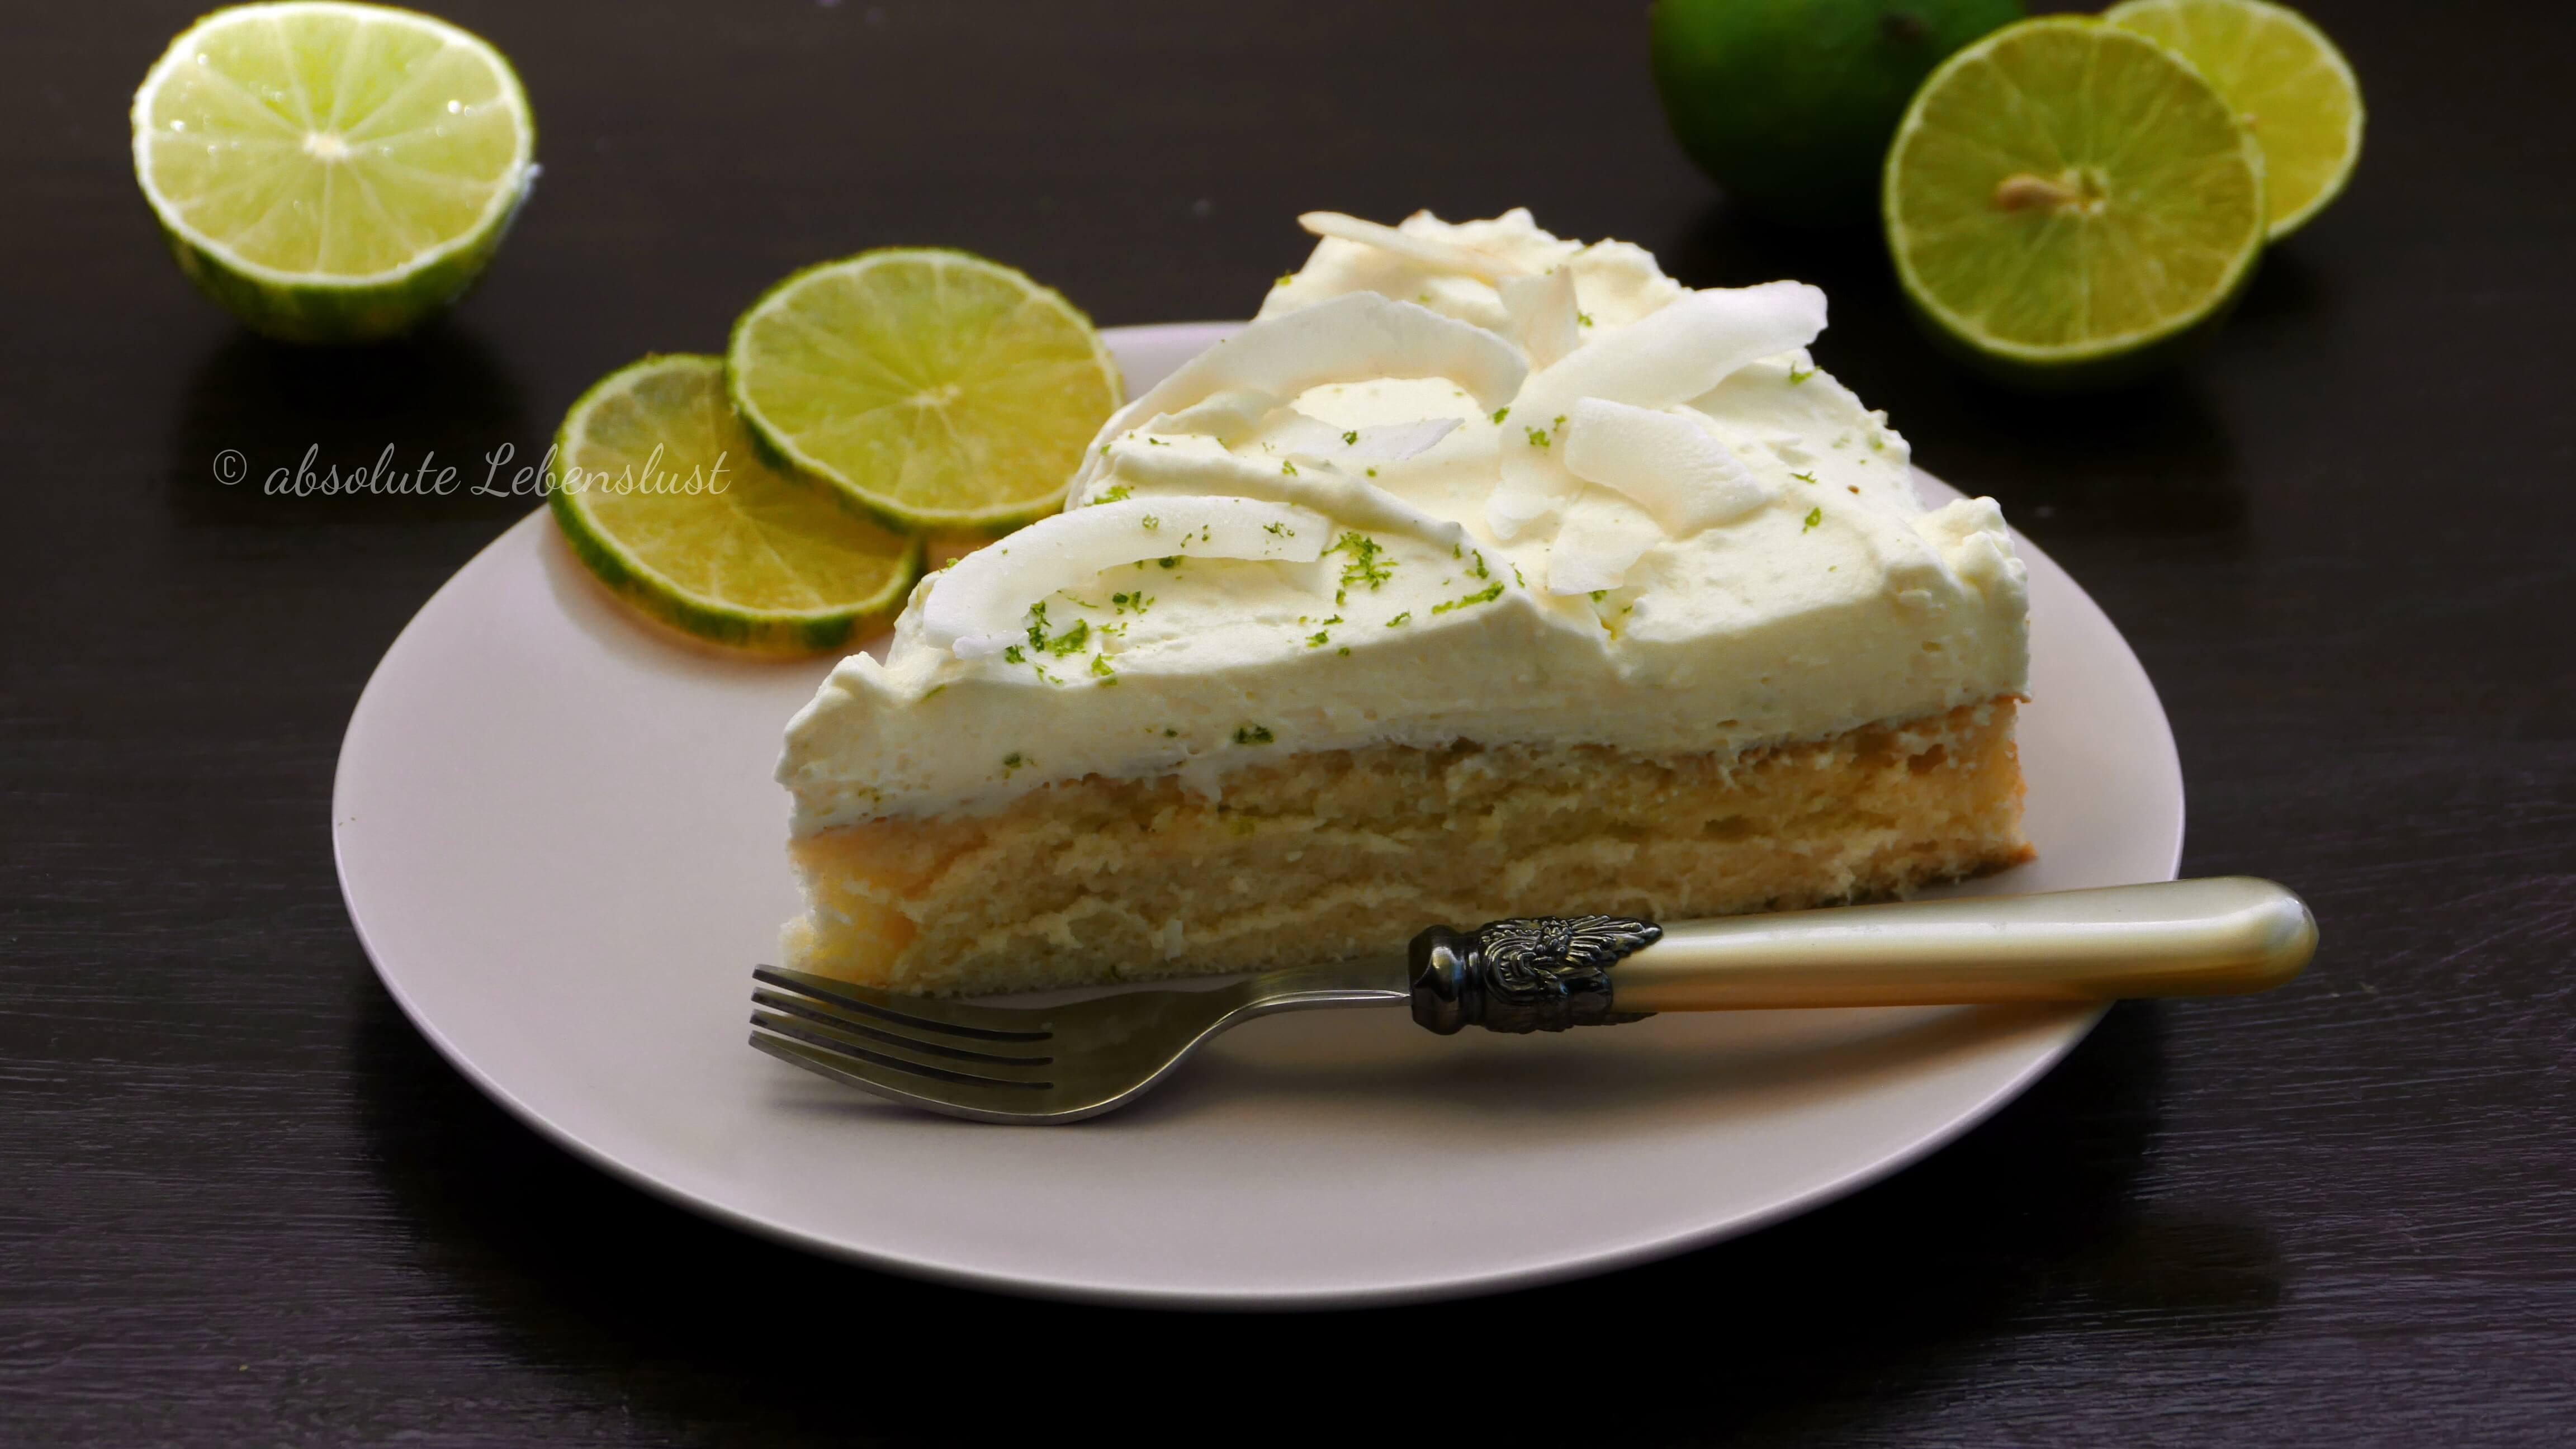 kokos limetten torte, kokos kuchen, limetten torte, limetten creme, limetten kuchen, sommer kuchen, sommerliche kuchen, leichte kuchen, kuchenrezepte